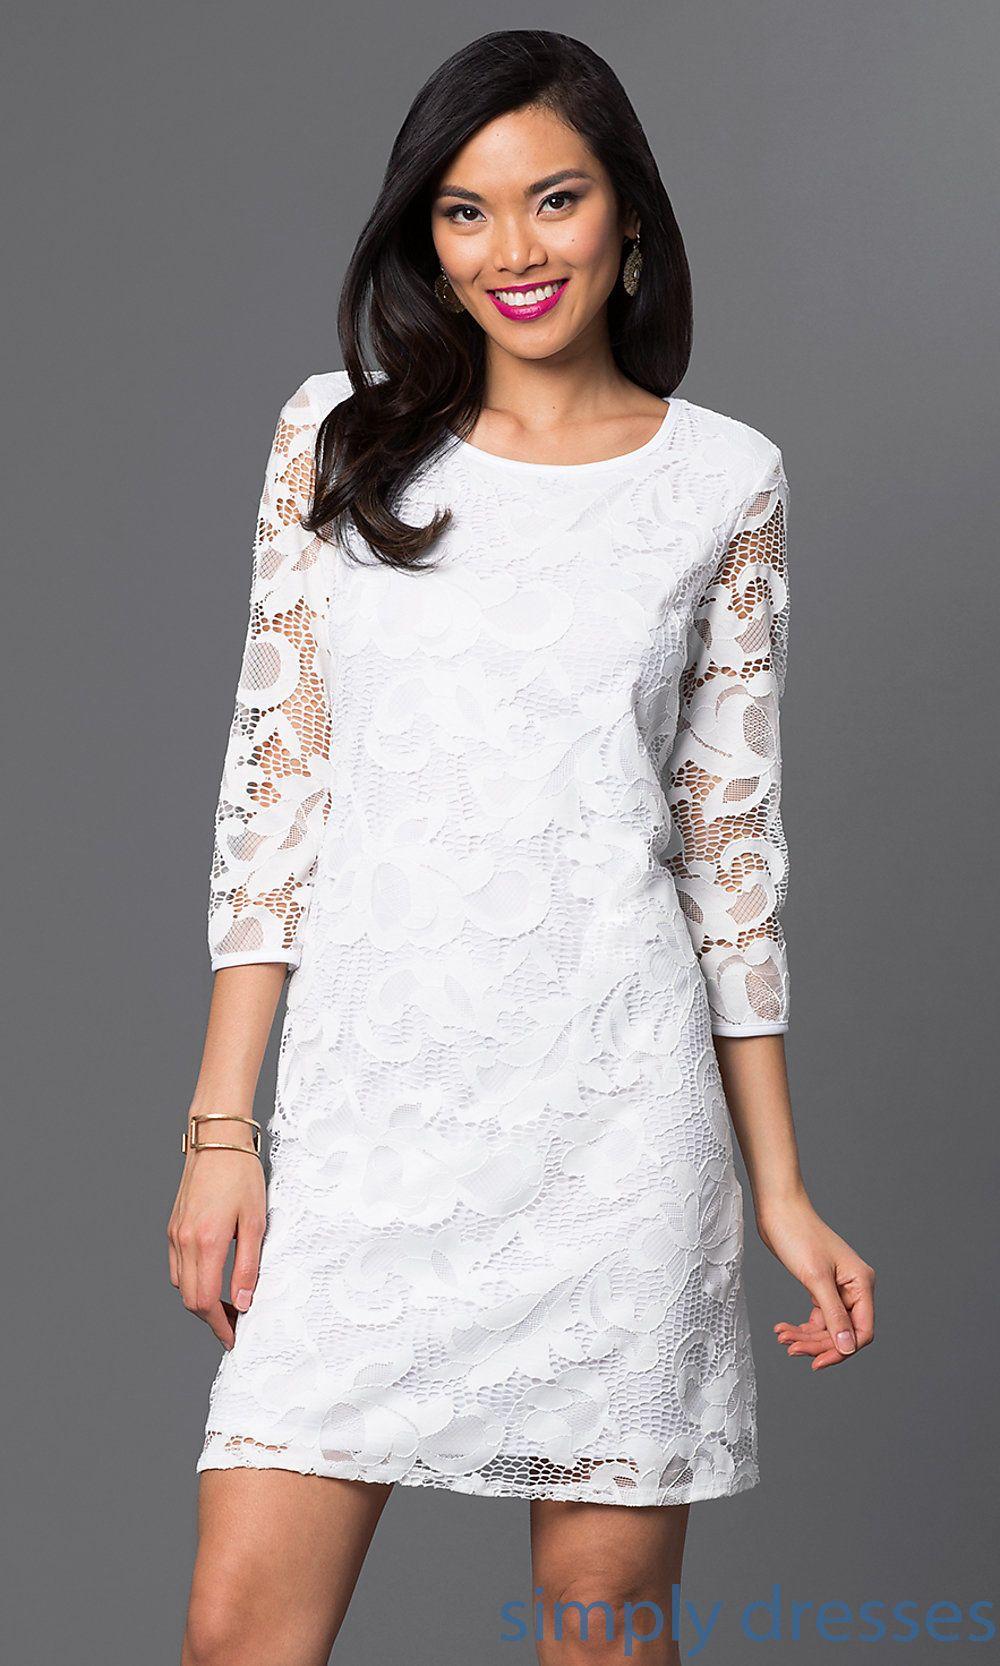 White Lace Dress By Tiana B Ju Ti 87880 Dresses Prom